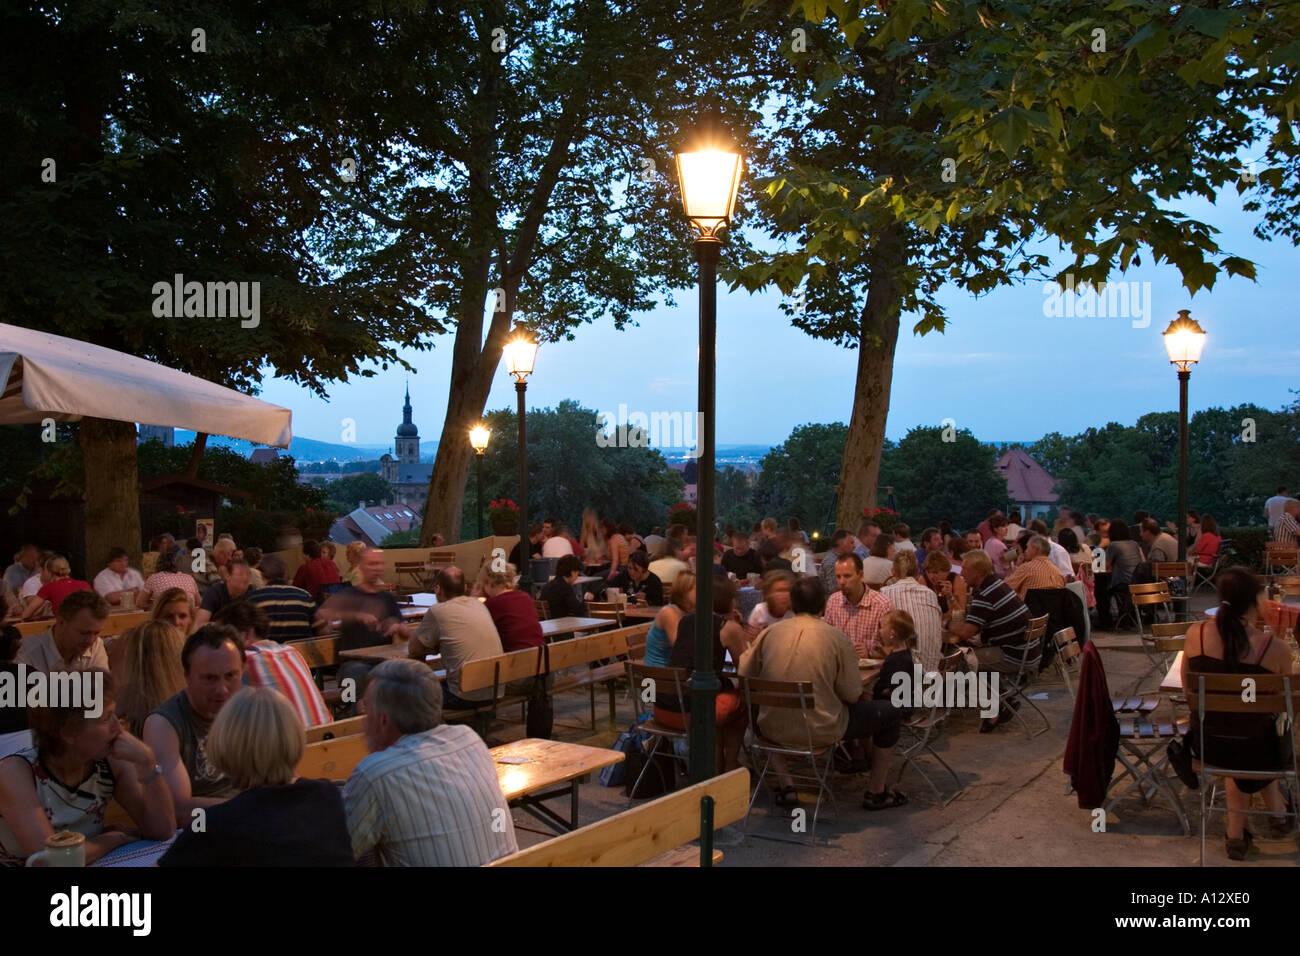 Bier Garten Spezial Keller Bamberg Franken Deutschland Stockfoto